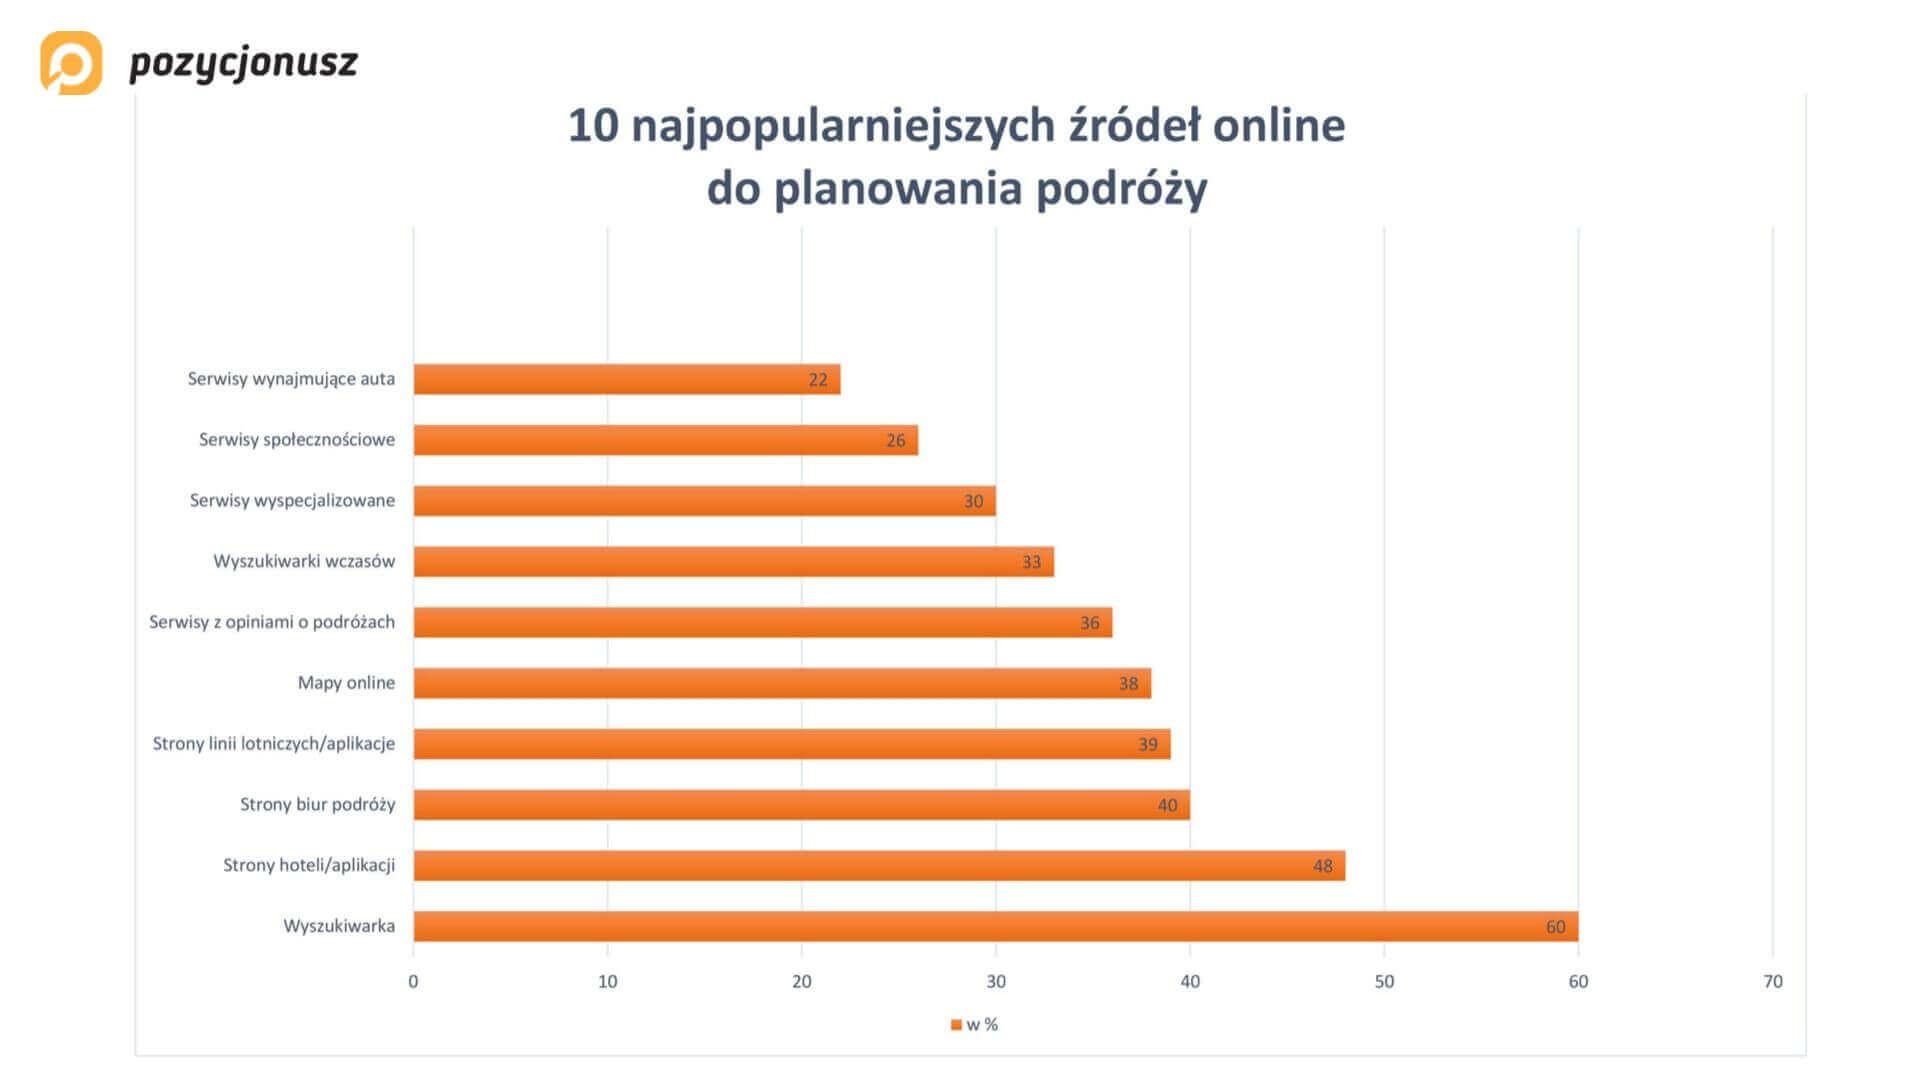 źródła online planowanie podróży badanie google 2014